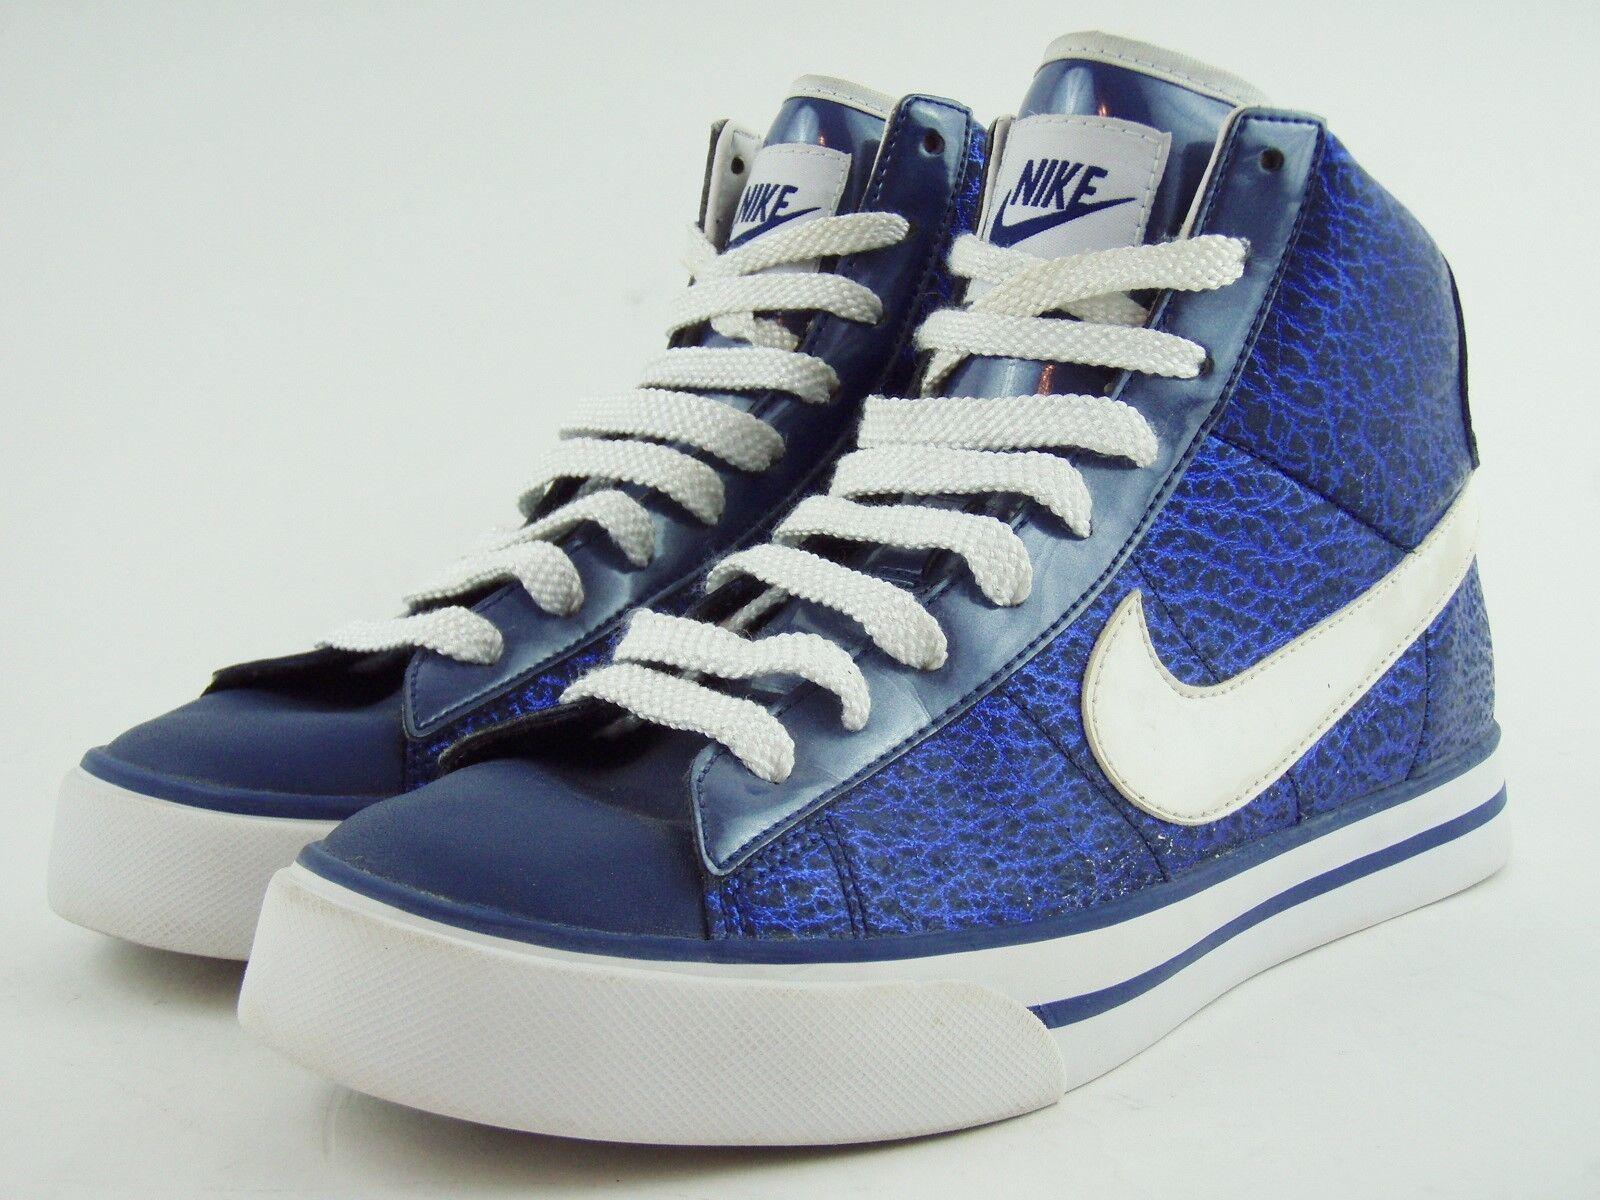 Nike High Top Basketball Zapatos  AzulPara Zapatillas Metálico De Cocodrilo AzulPara  Hombre 2018 Usadas En Excelente Estado e3cbce